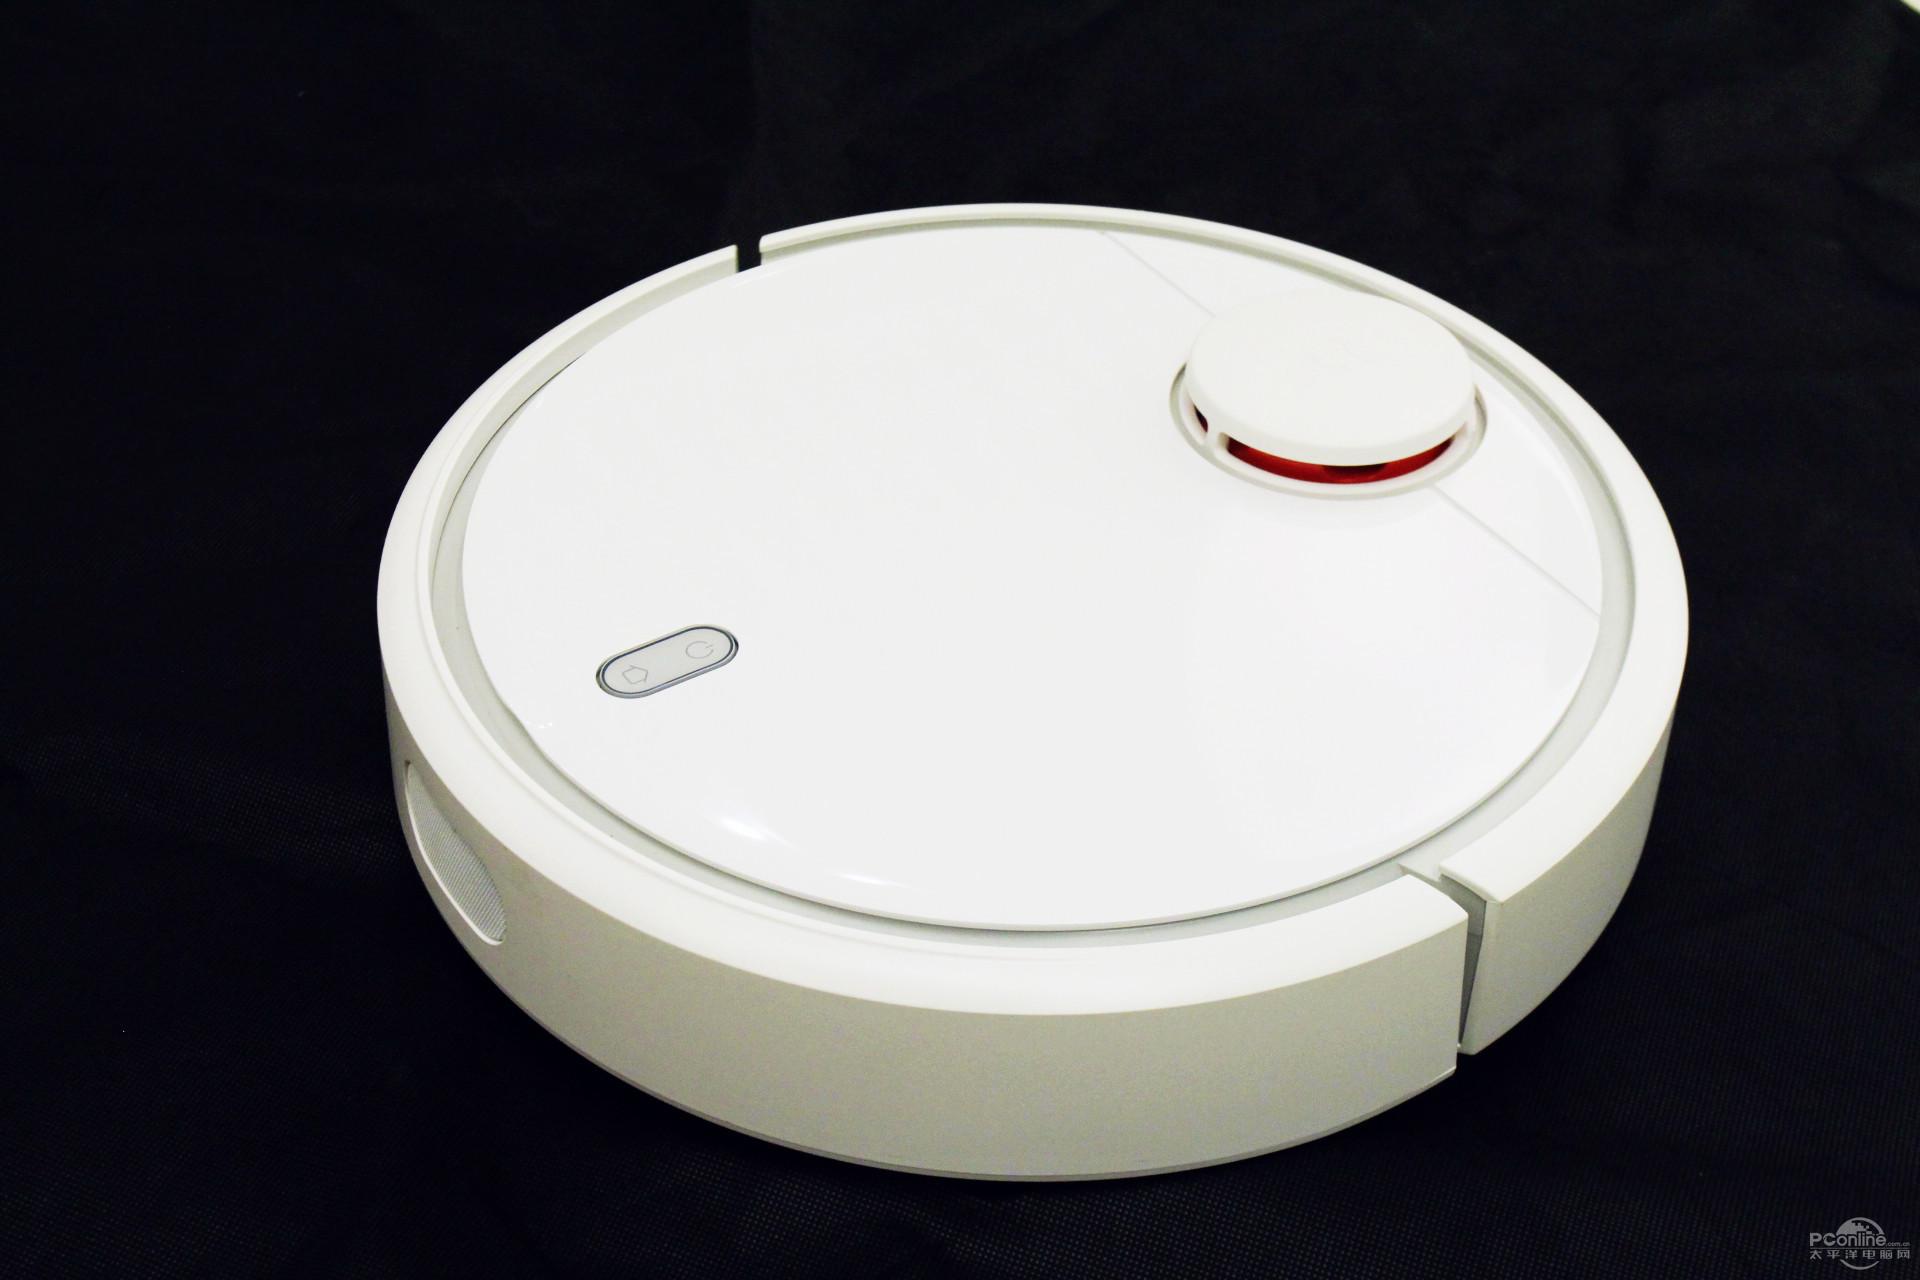 小米掃地機器人怎么樣 竟有如此缺陷-電子發燒友網